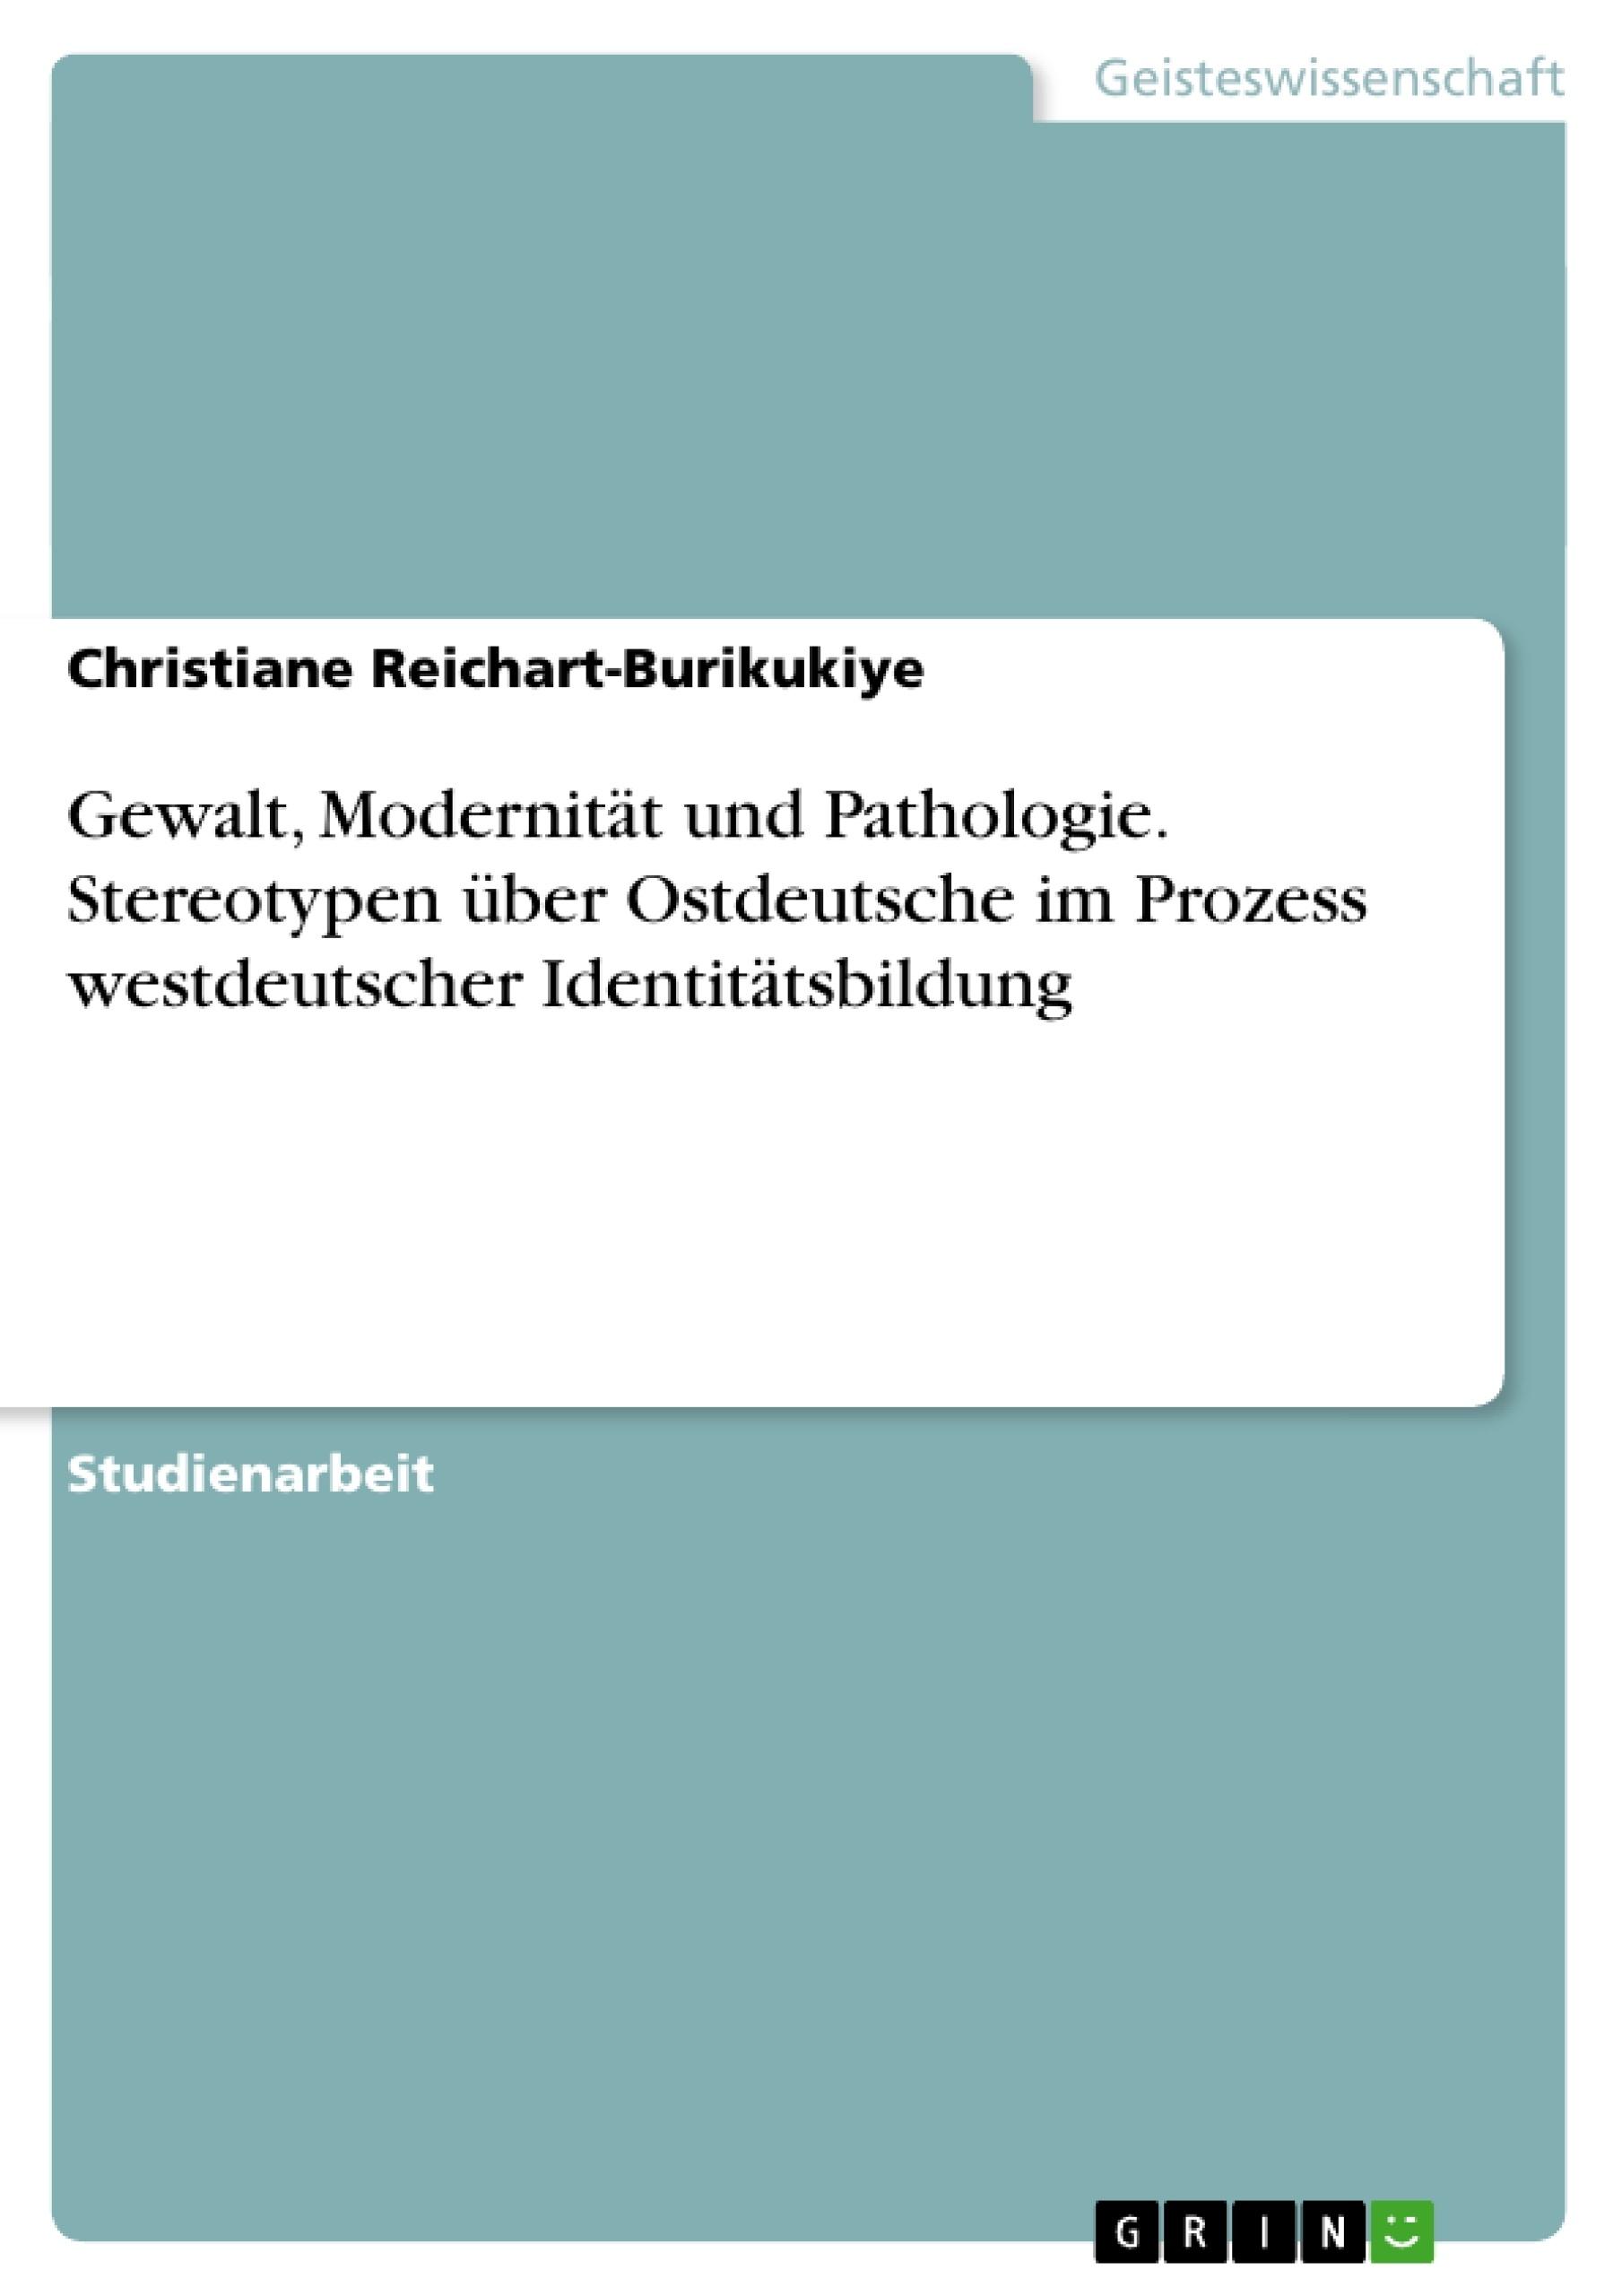 Titel: Gewalt, Modernität und Pathologie. Stereotypen über Ostdeutsche im Prozess westdeutscher Identitätsbildung